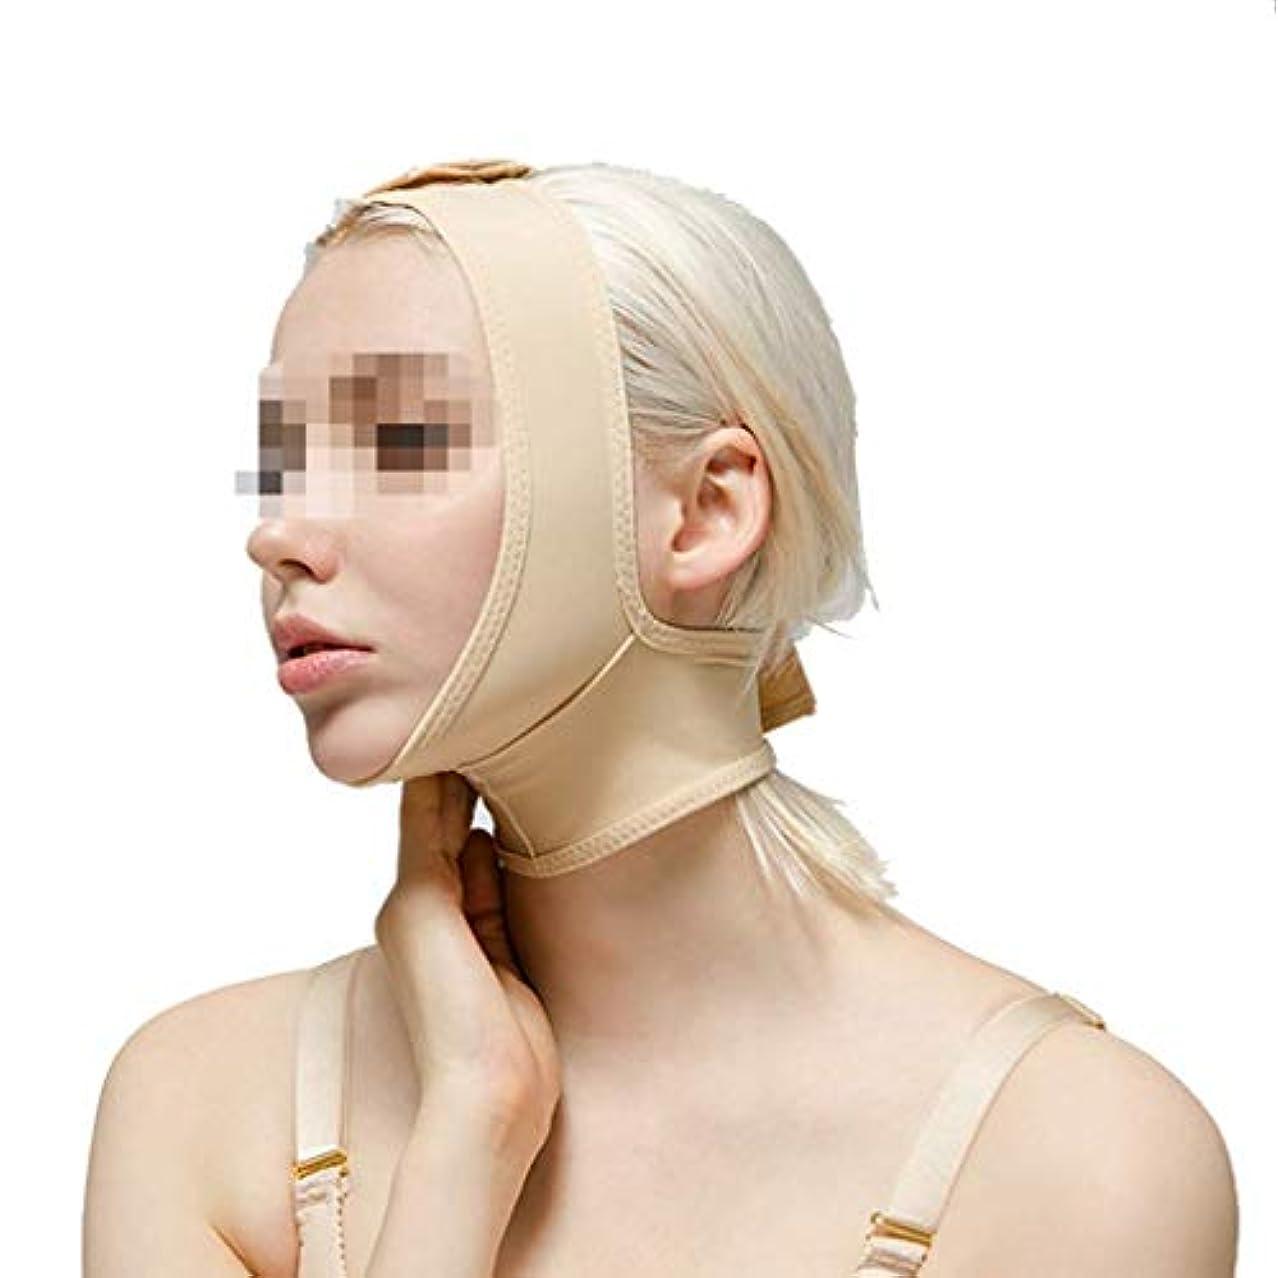 ルー待つぬるい術後弾性スリーブ、下顎バンドルフェイスバンデージフェイシャルビームダブルチンシンフェイスマスクマルチサイズオプション(サイズ:M)